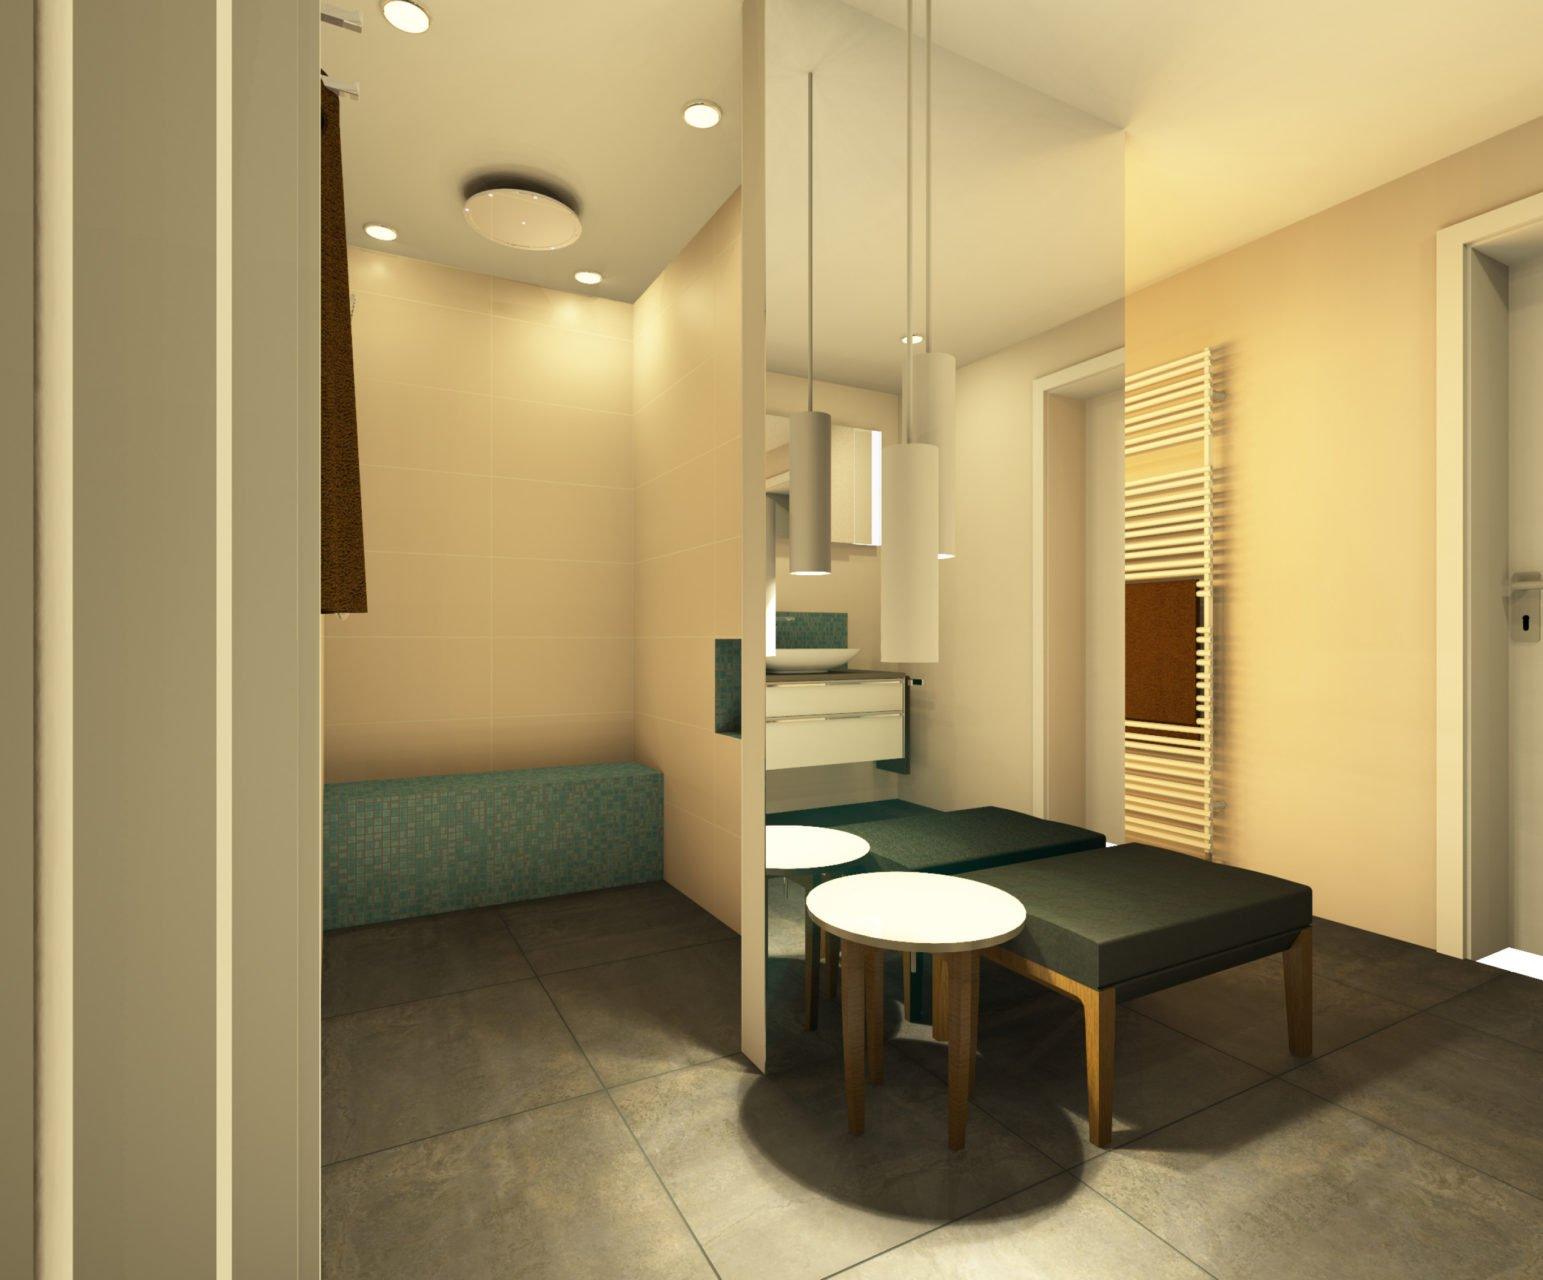 raumkonzept referenz bad 3d planung bodengleiche dusche nowak gmbh bergisch gladbach. Black Bedroom Furniture Sets. Home Design Ideas